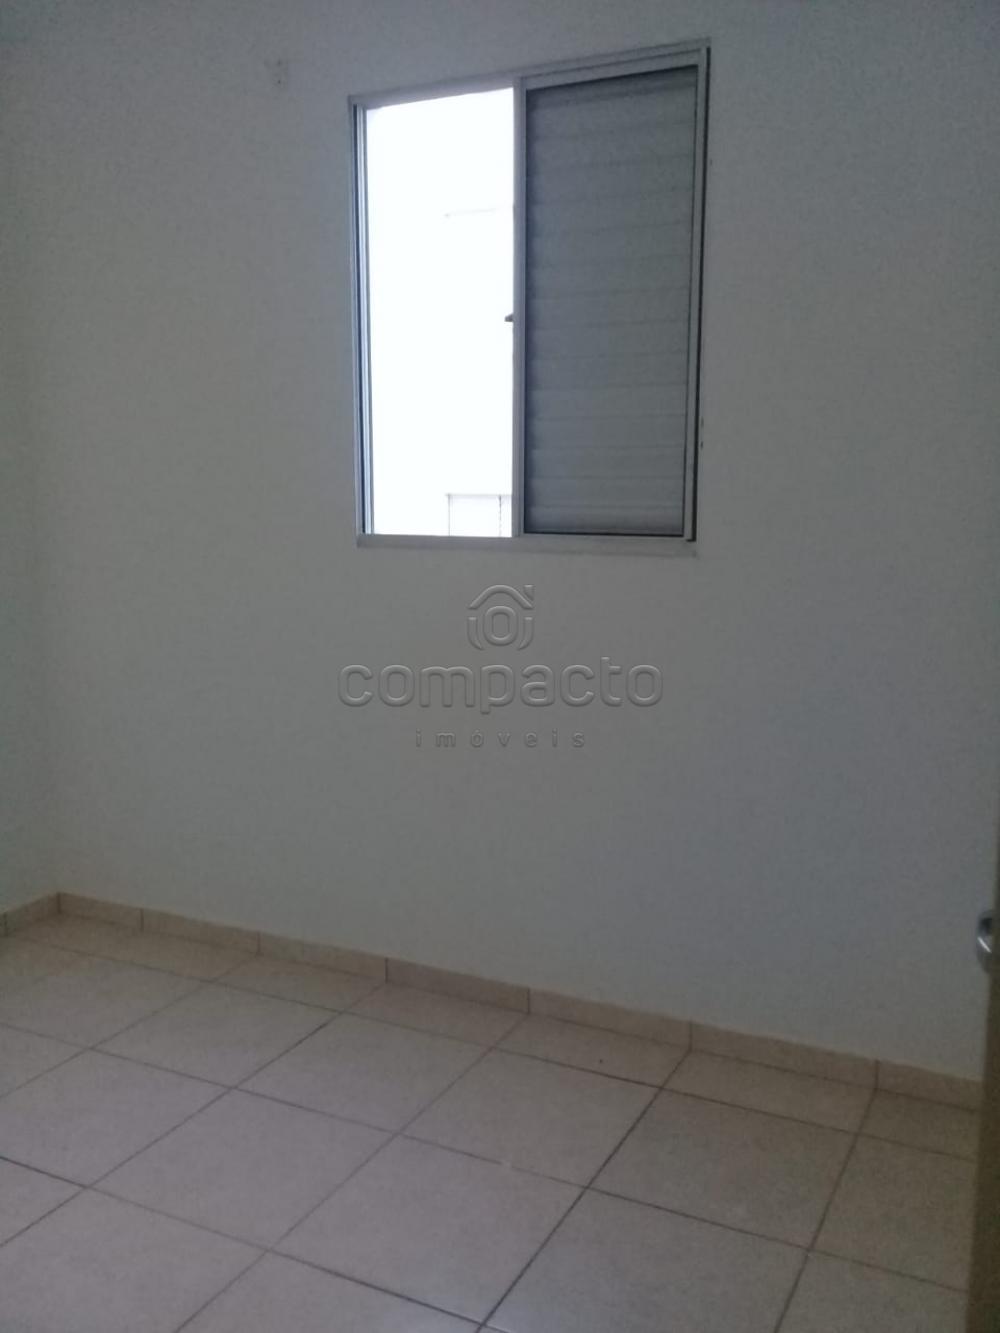 Alugar Apartamento / Padrão em São José do Rio Preto apenas R$ 650,00 - Foto 9